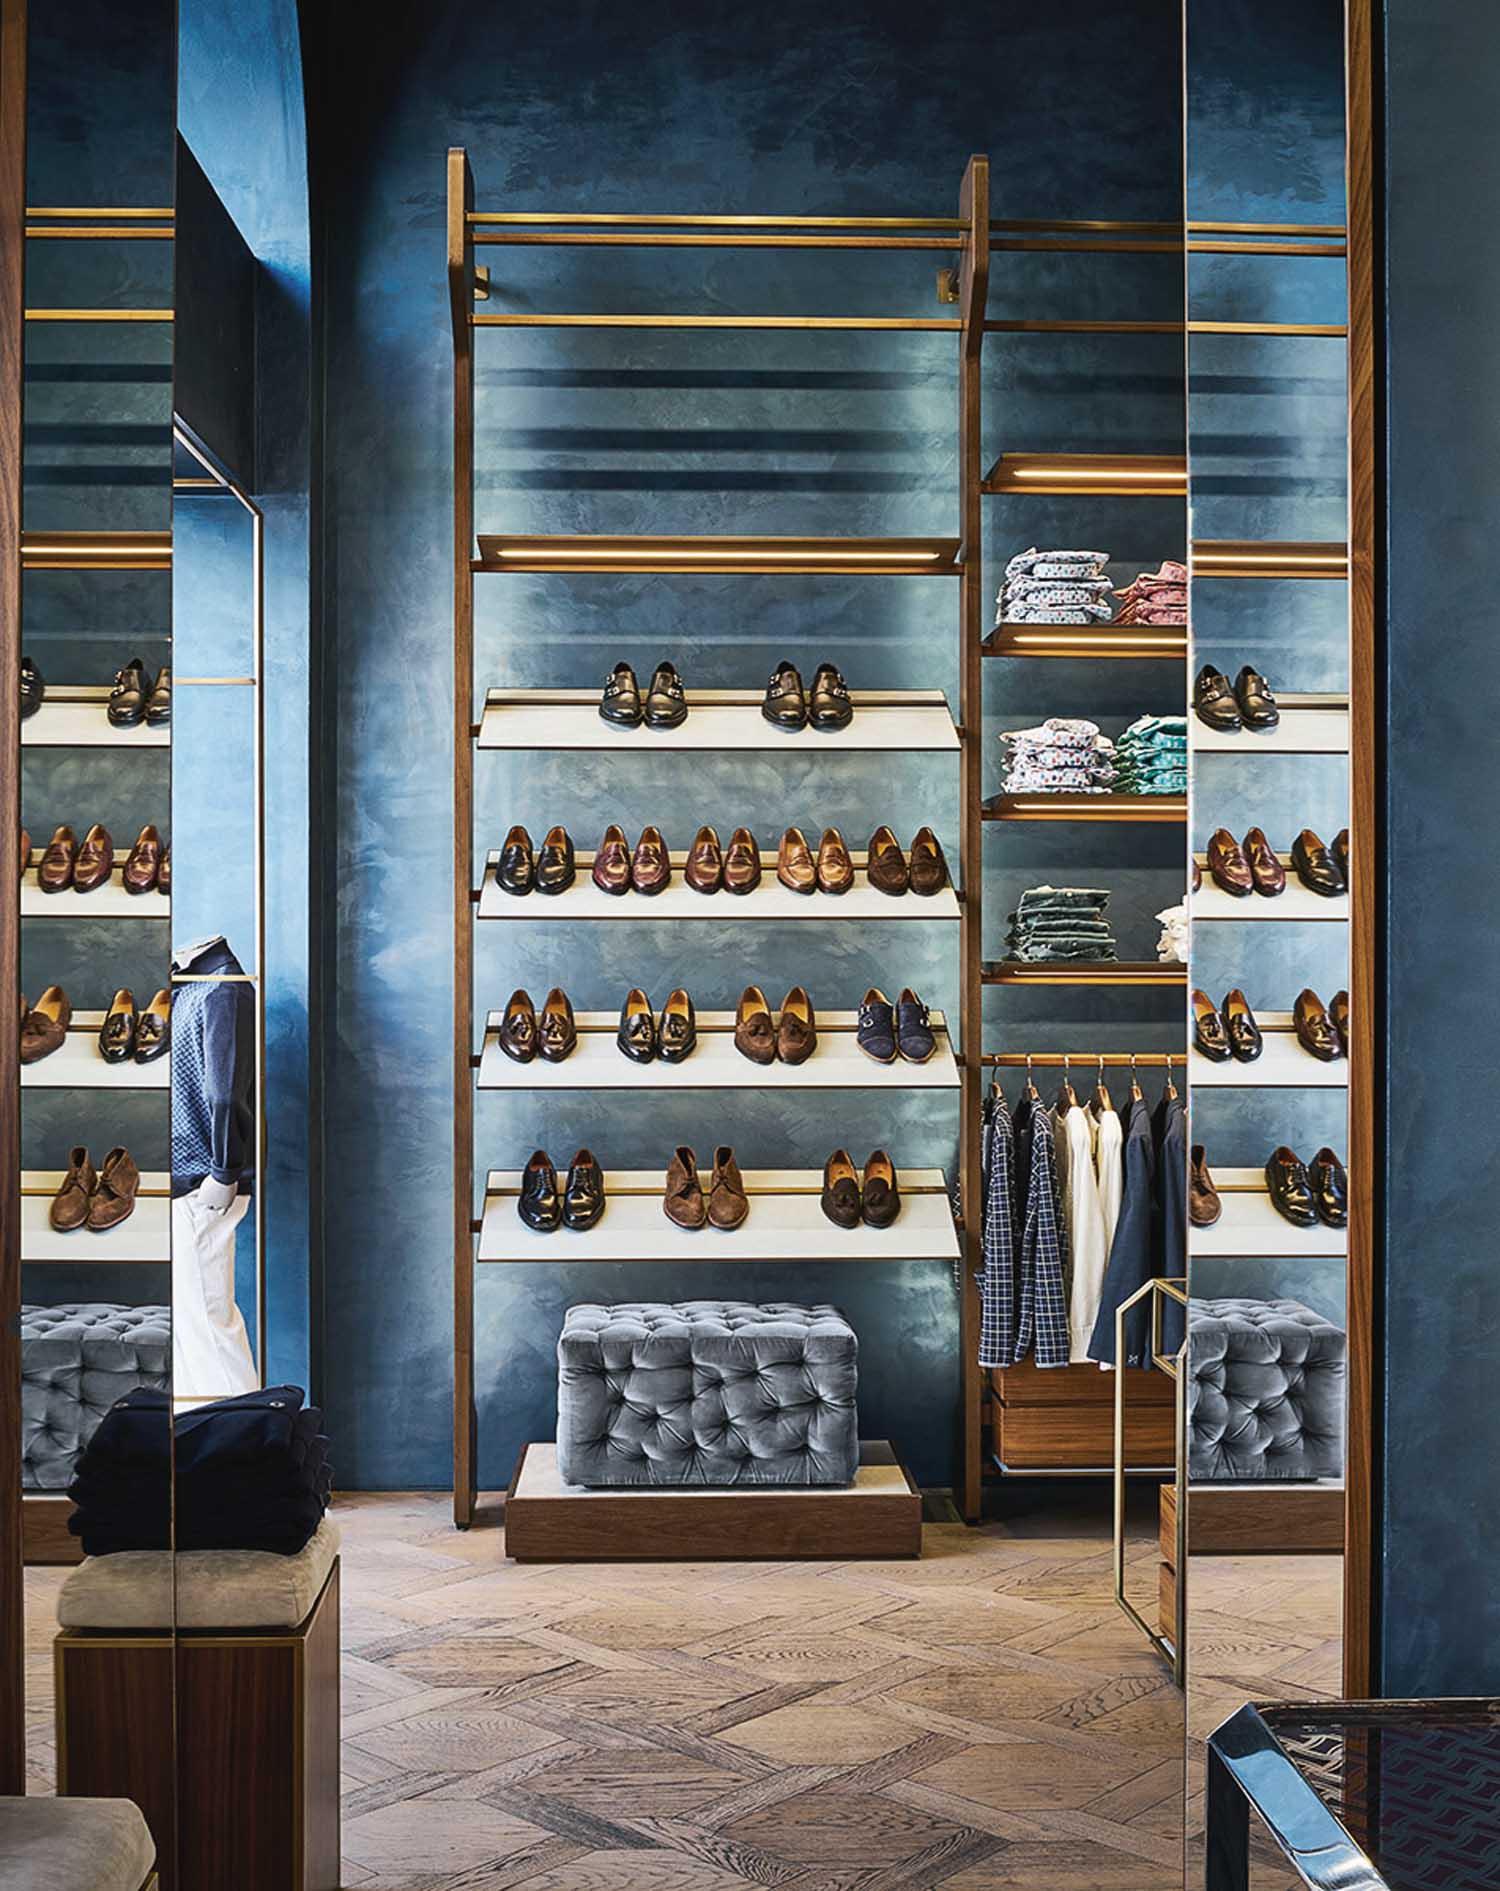 Boutique Drumohr, Milano - © Lorenzo Pennati, courtesy m2atelier Il disegno degli interni esalta l'artigianalità del più antico marchio di sartoria maschile, con accorgimenti che spaziano tra modernità e tradizione.